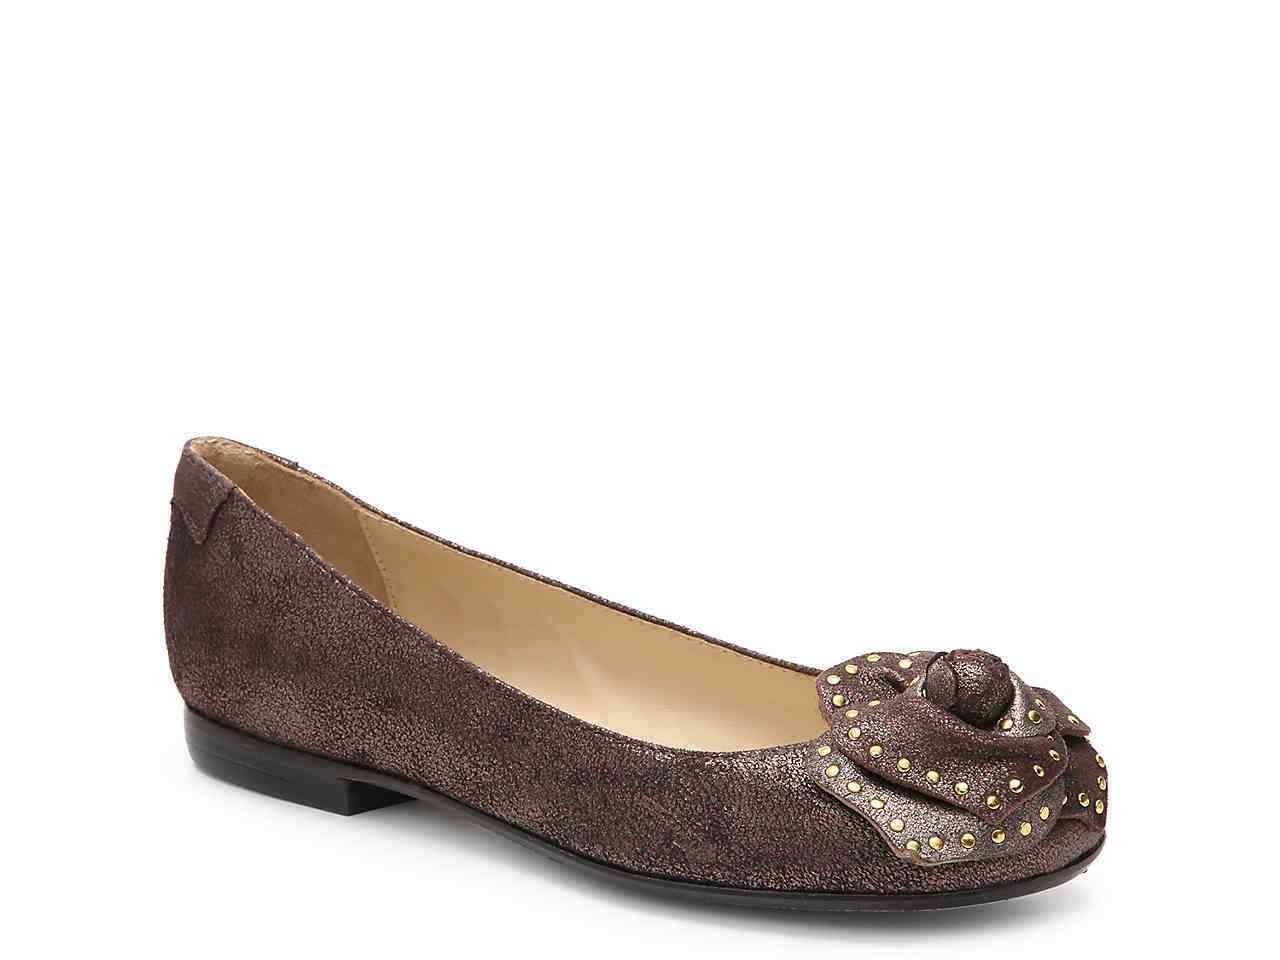 4819da412e9860 Taryn Rose Babylone Clou Marron Brillant Brillant Brillant Chaussures  Ballerine Plates 7.5 | Conception Moderne d3a2a4